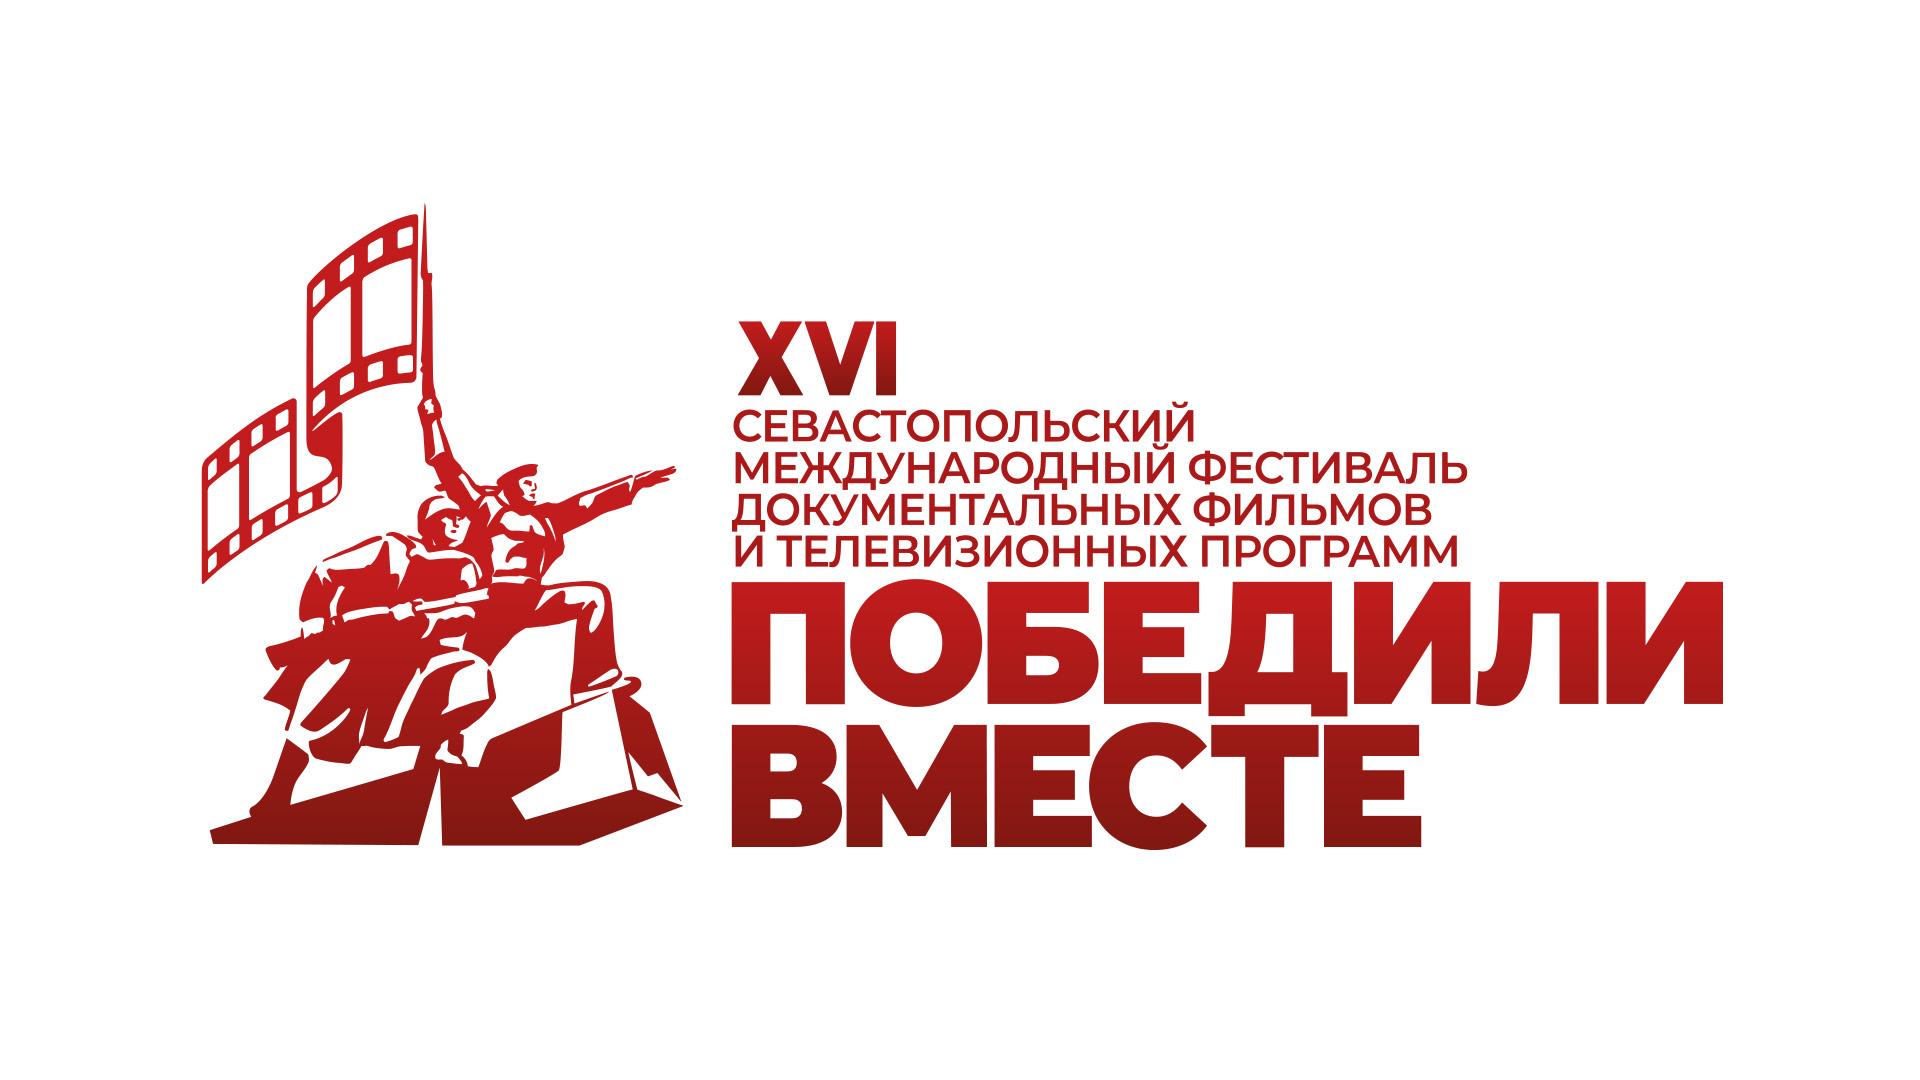 pobedili-vmeste-2020-logo-big